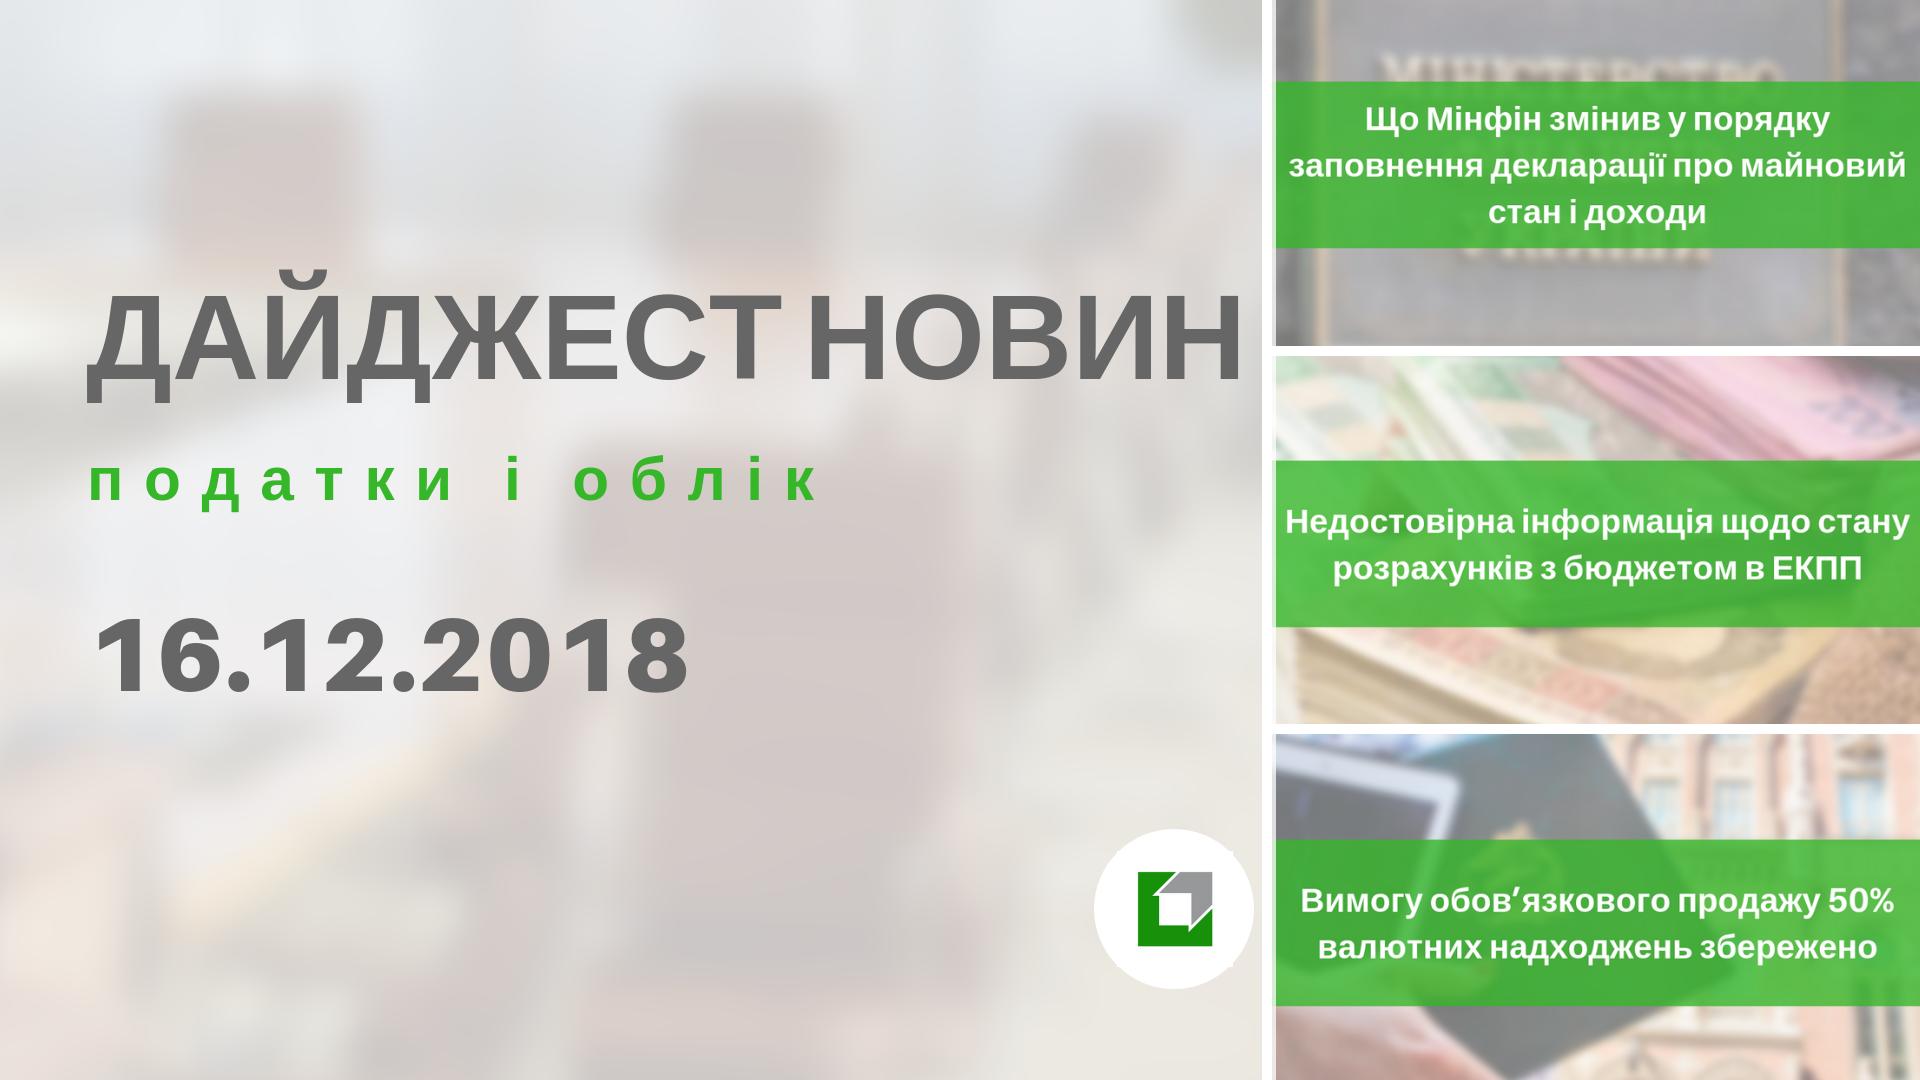 """Дайджест нoвин """"Податки і облік"""" з 10.12.2018 пo 16.12.2018"""